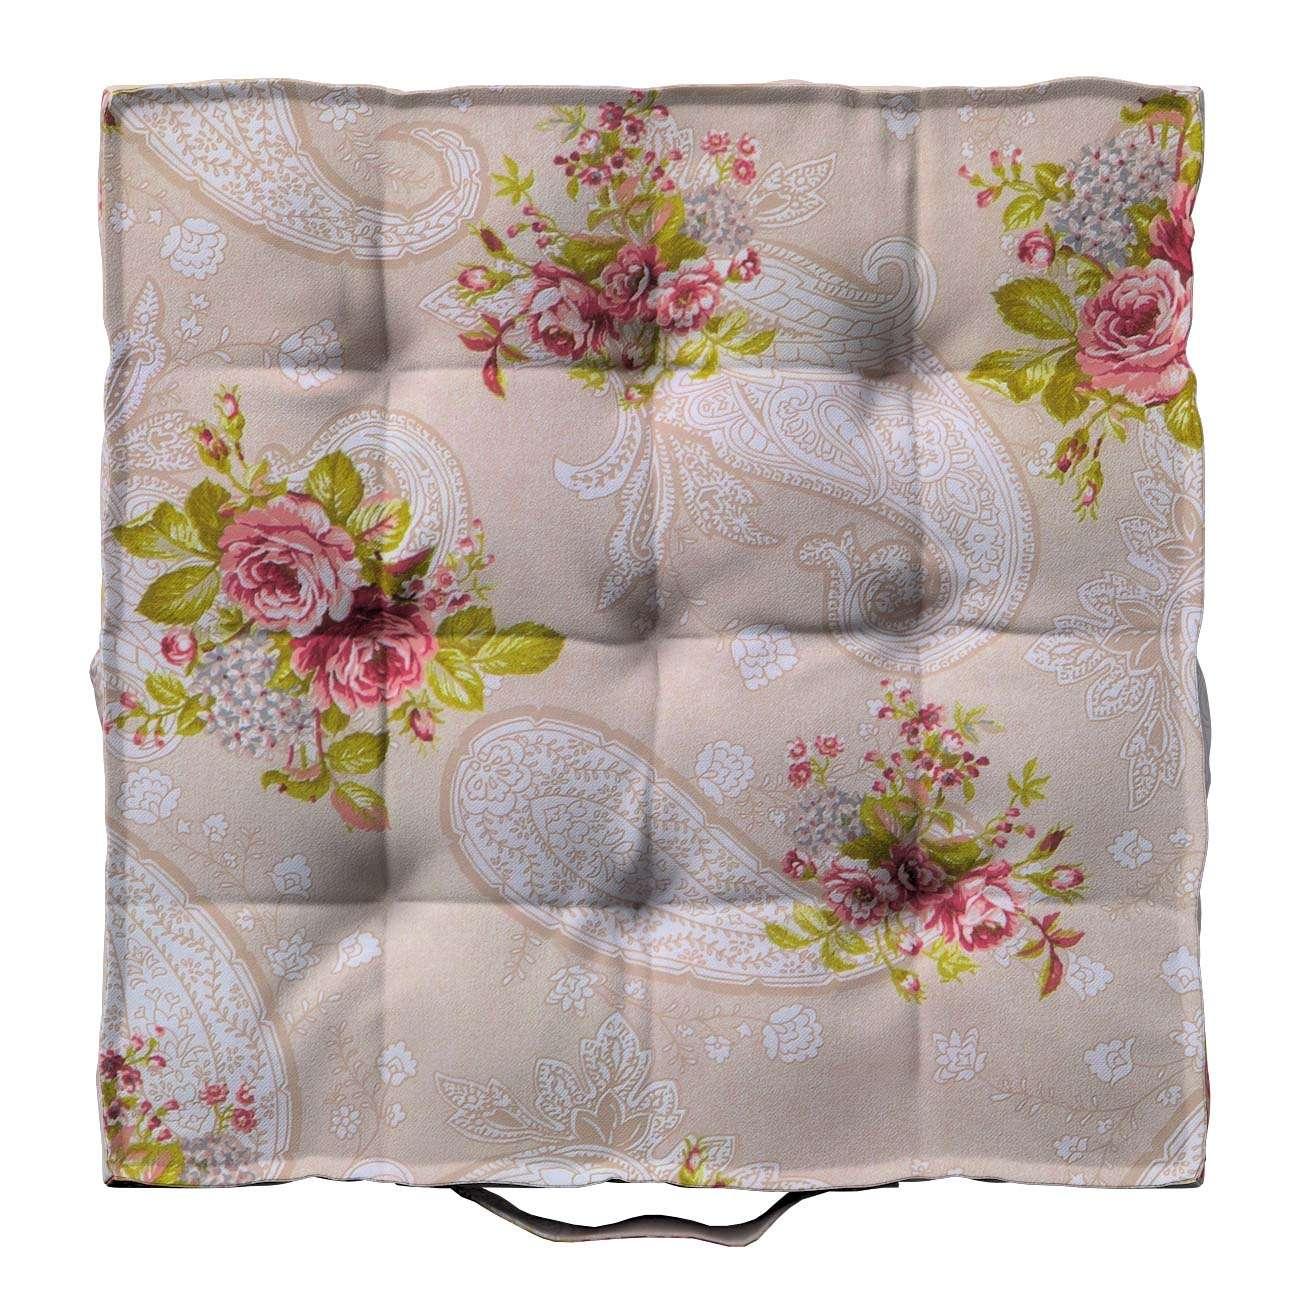 Pagalvėlė Kuba kėdei/ant grindų 40 x 40 x 6 cm kolekcijoje Flowers, audinys: 311-15